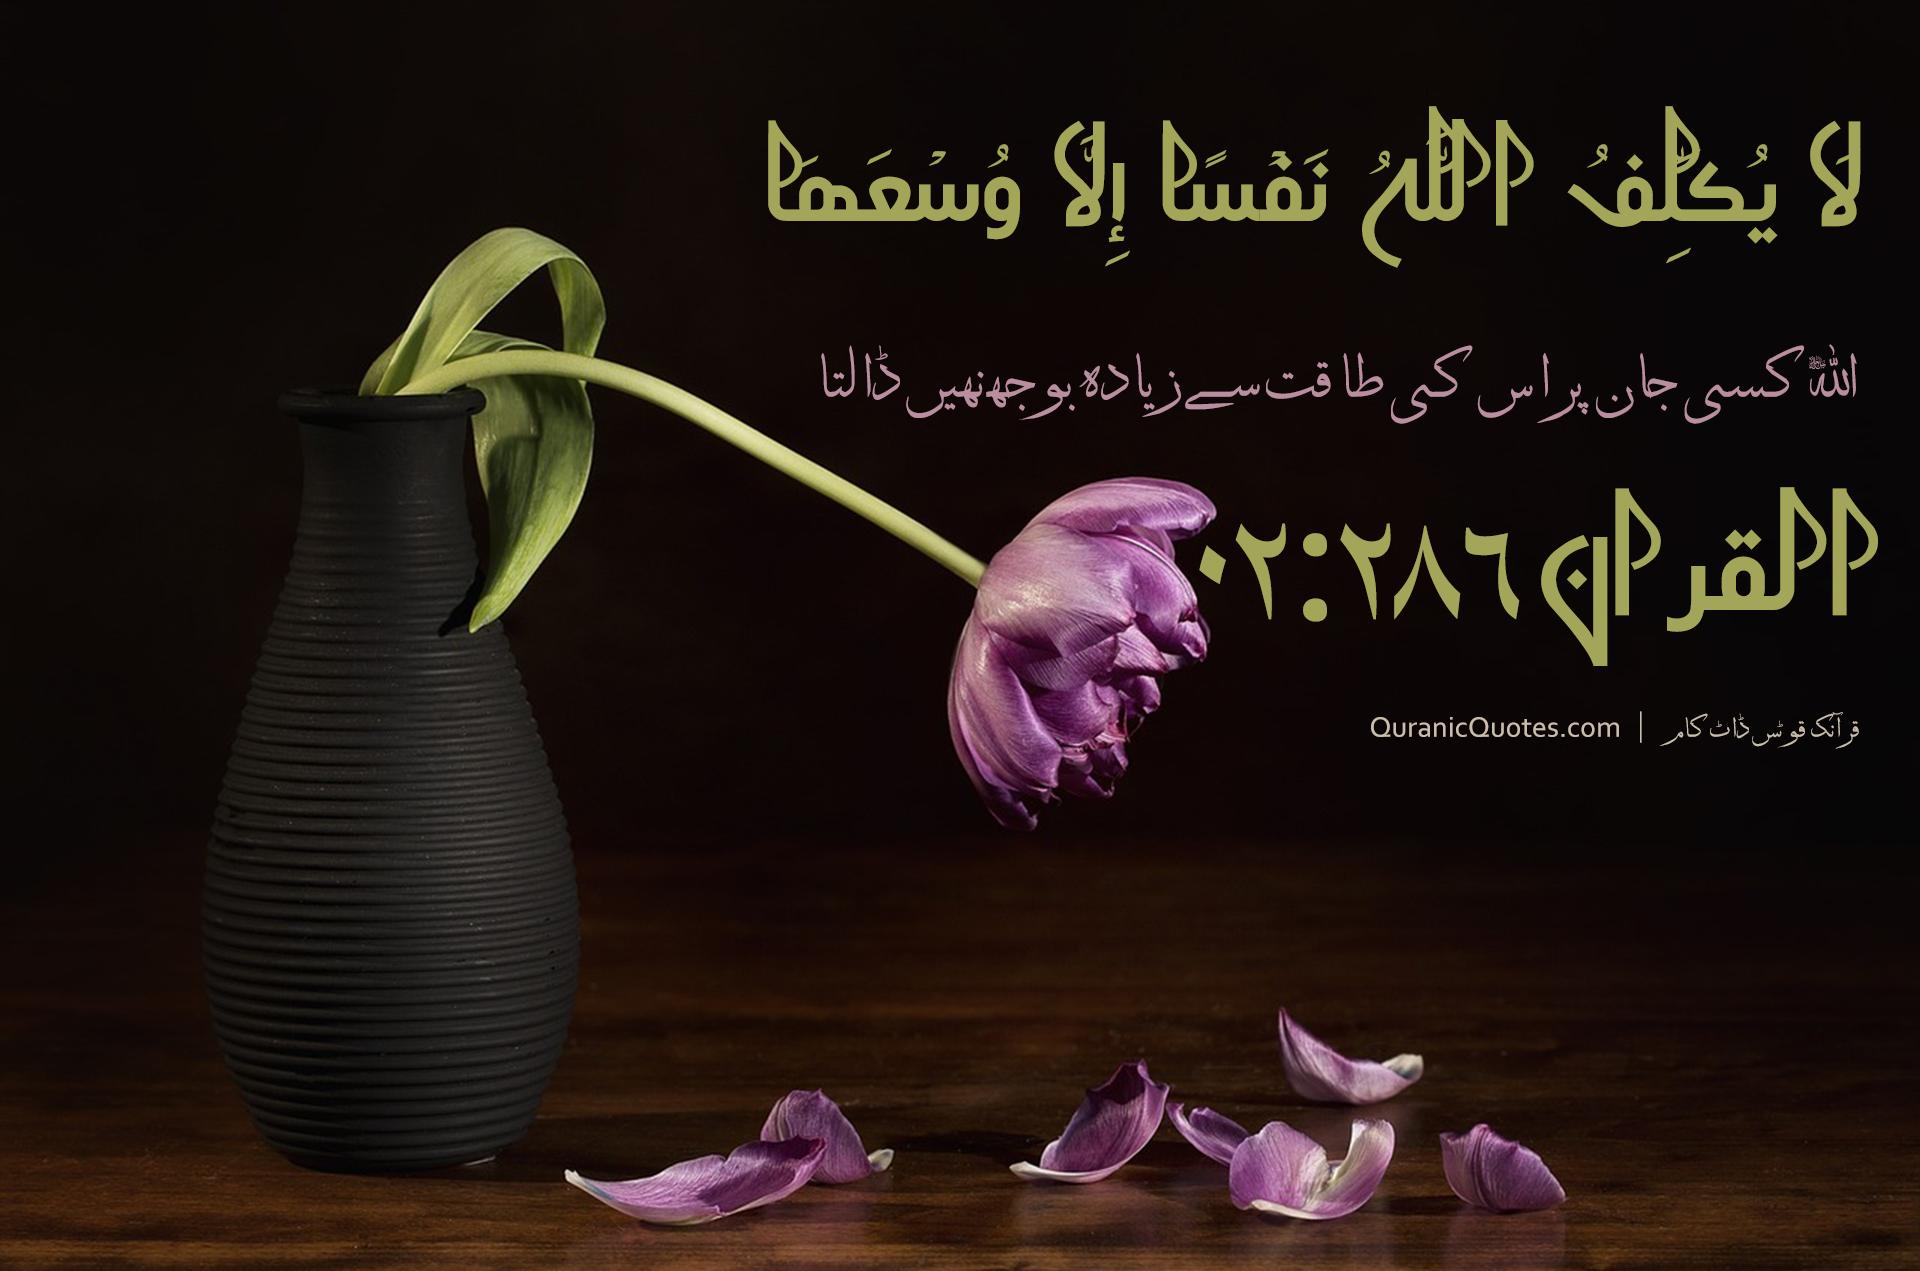 Quranic Quotes Urdu #104